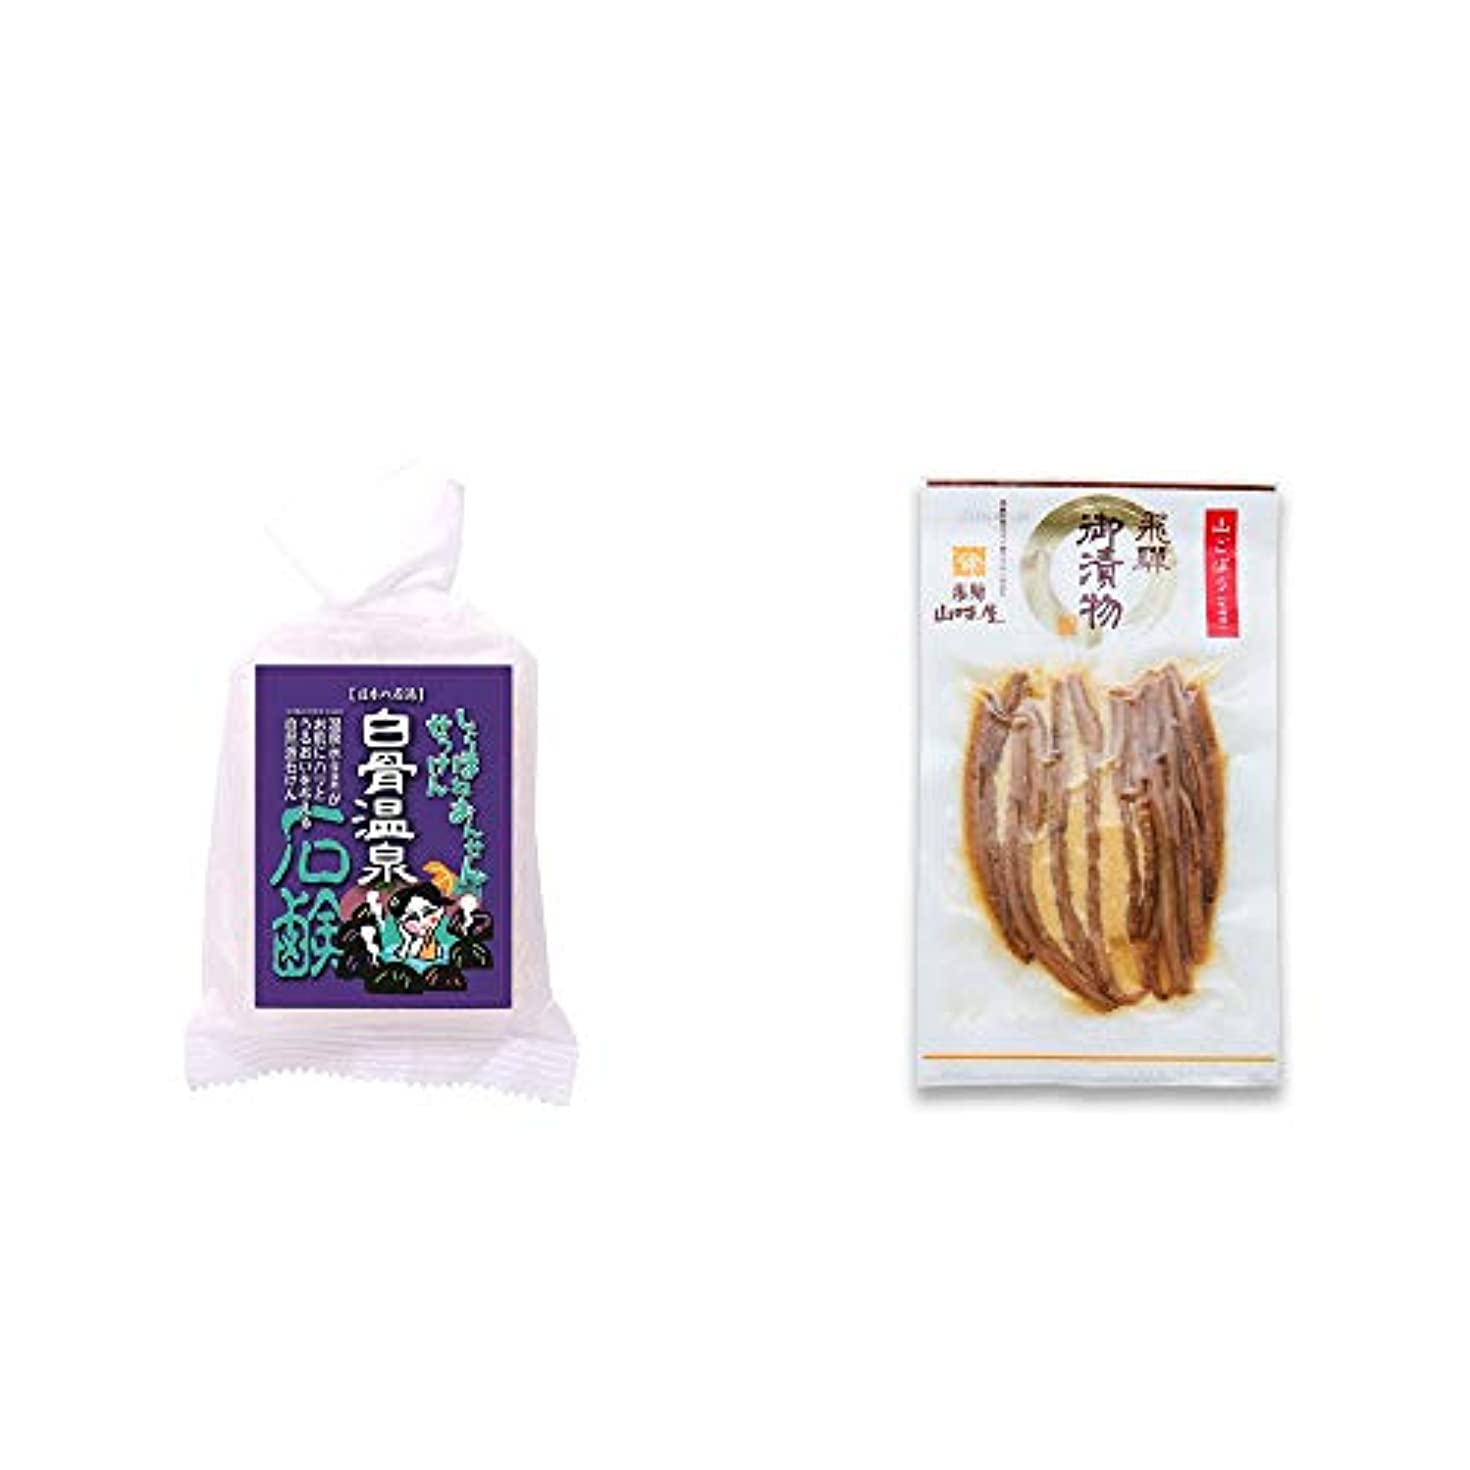 面構成するヘルパー[2点セット] 信州 白骨温泉石鹸(80g)?飛騨山味屋 山ごぼう味噌漬(80g)